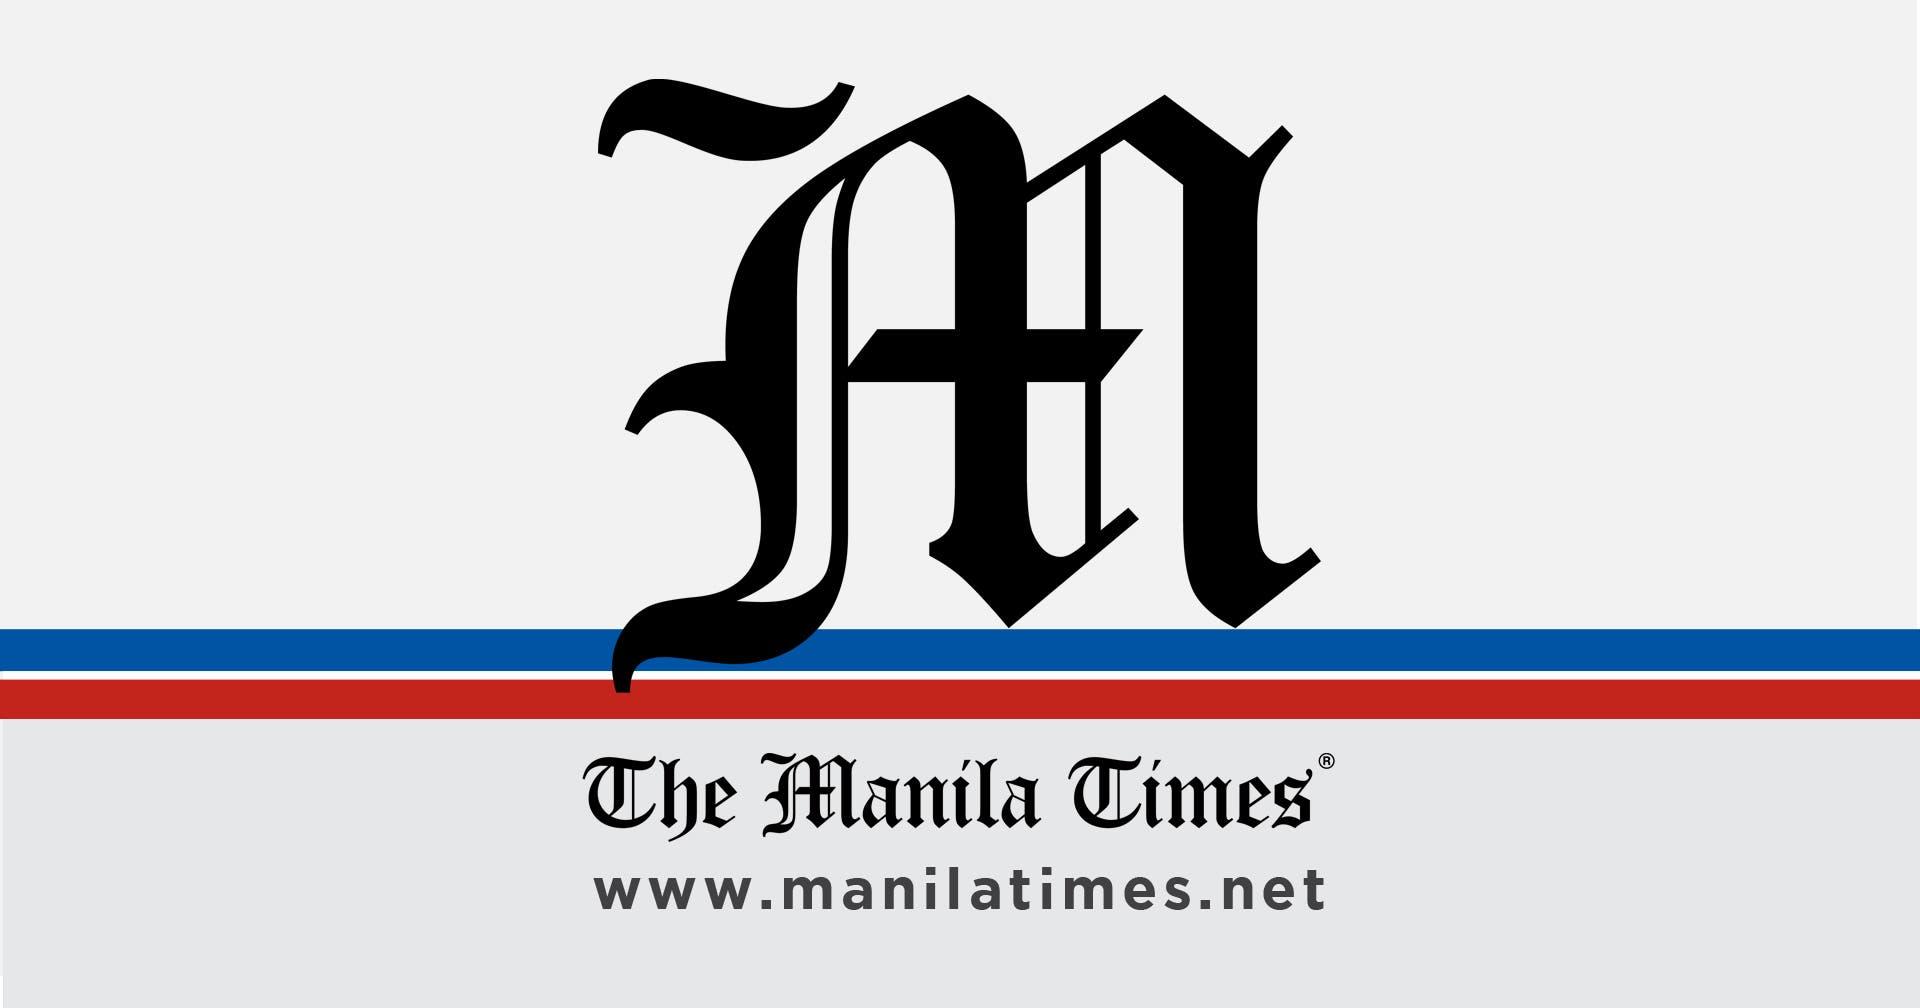 Deutsche Unternehmen wollen in erneuerbare Energien investieren – The Manila Times